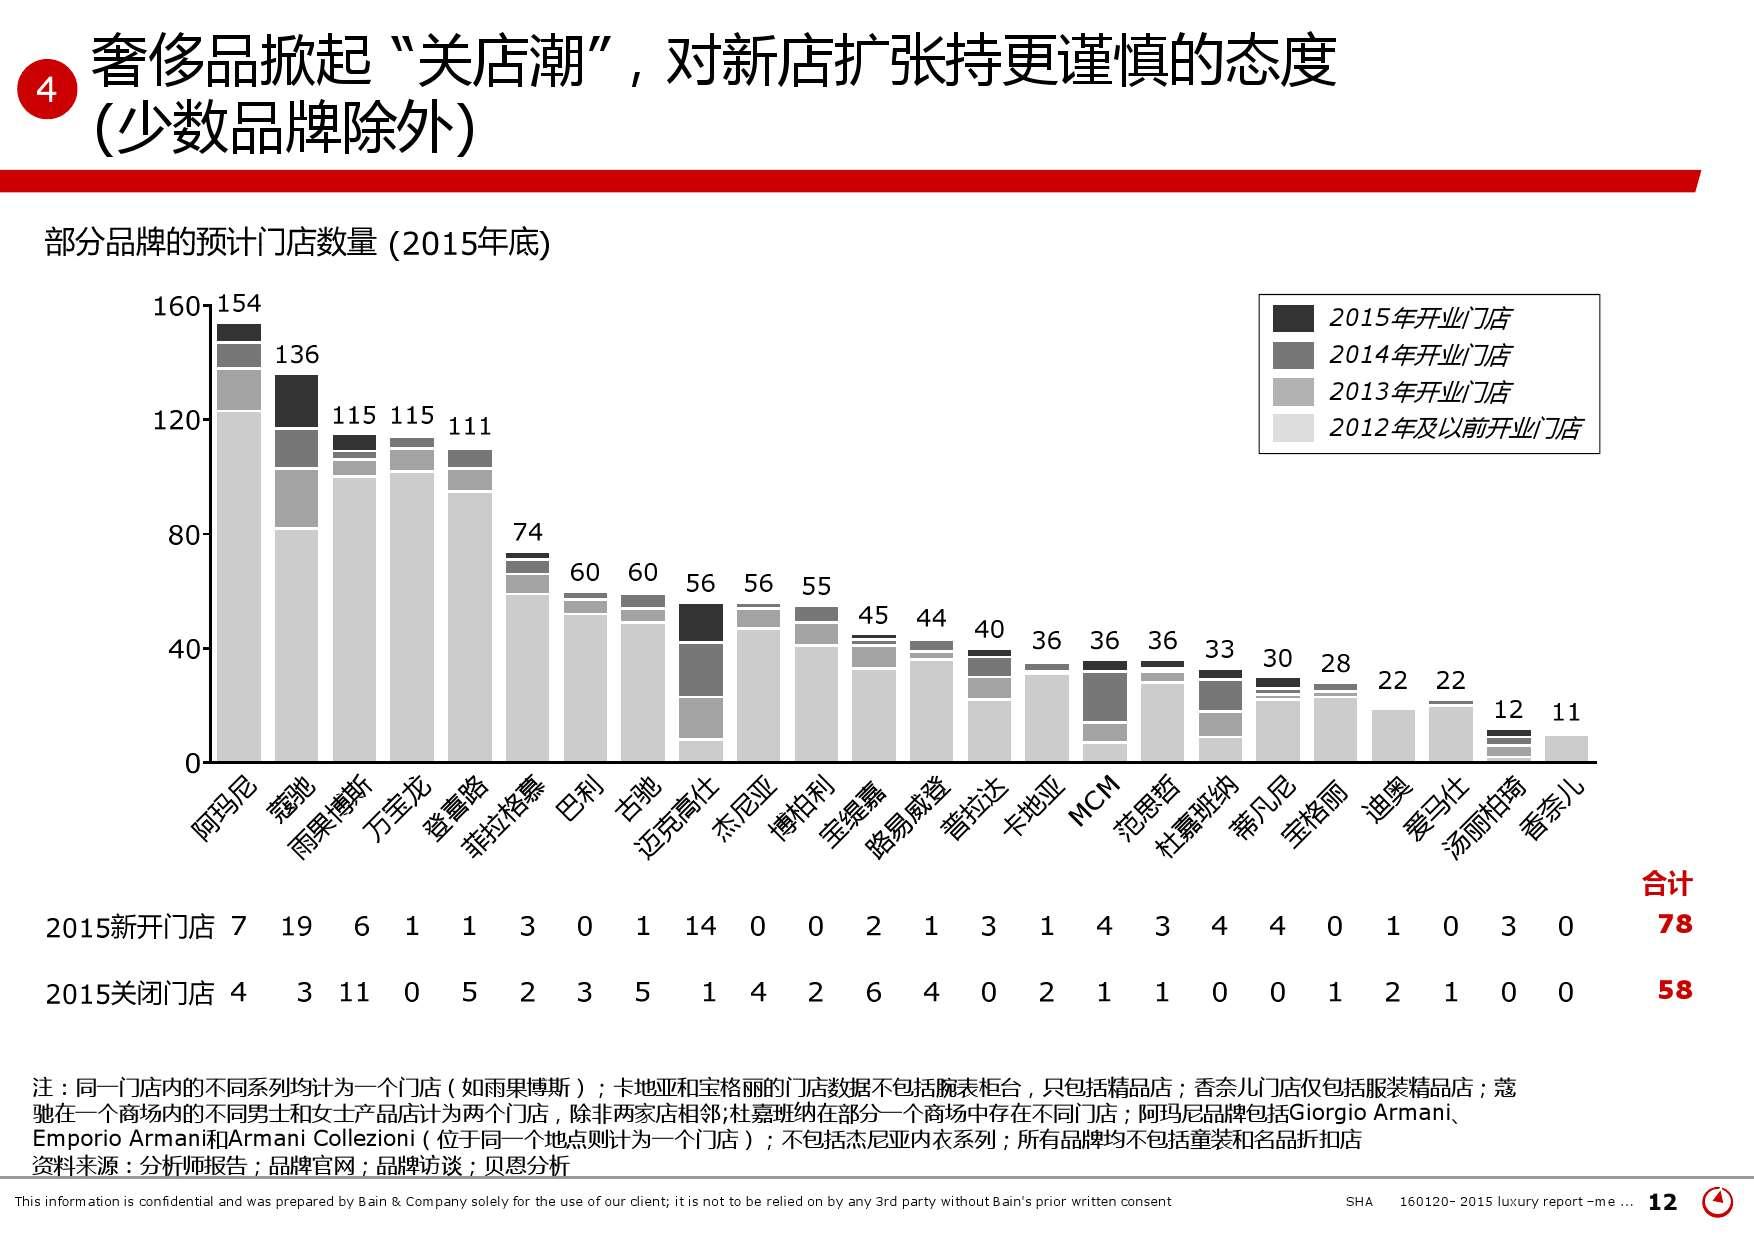 2015年中国奢侈品市场研究报告_000012